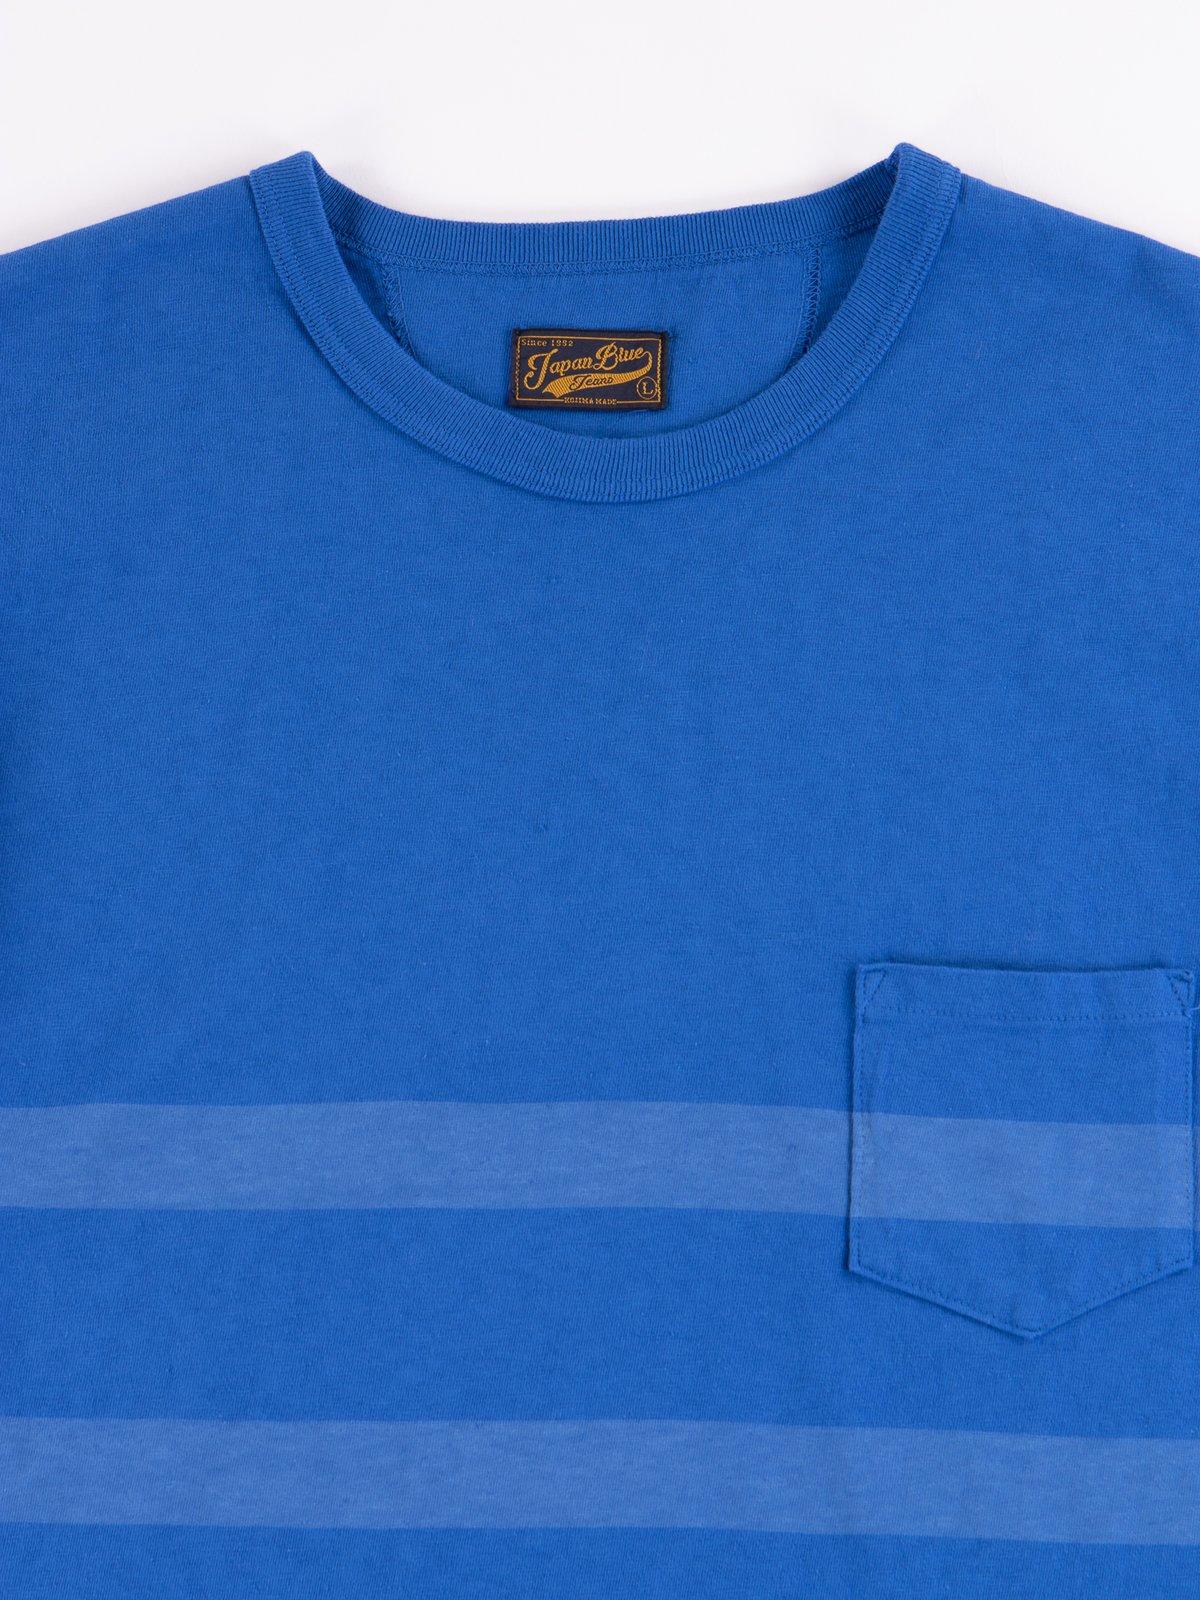 Blue Stripe Cote D'Ivoire Cotton T–Shirt - Image 2